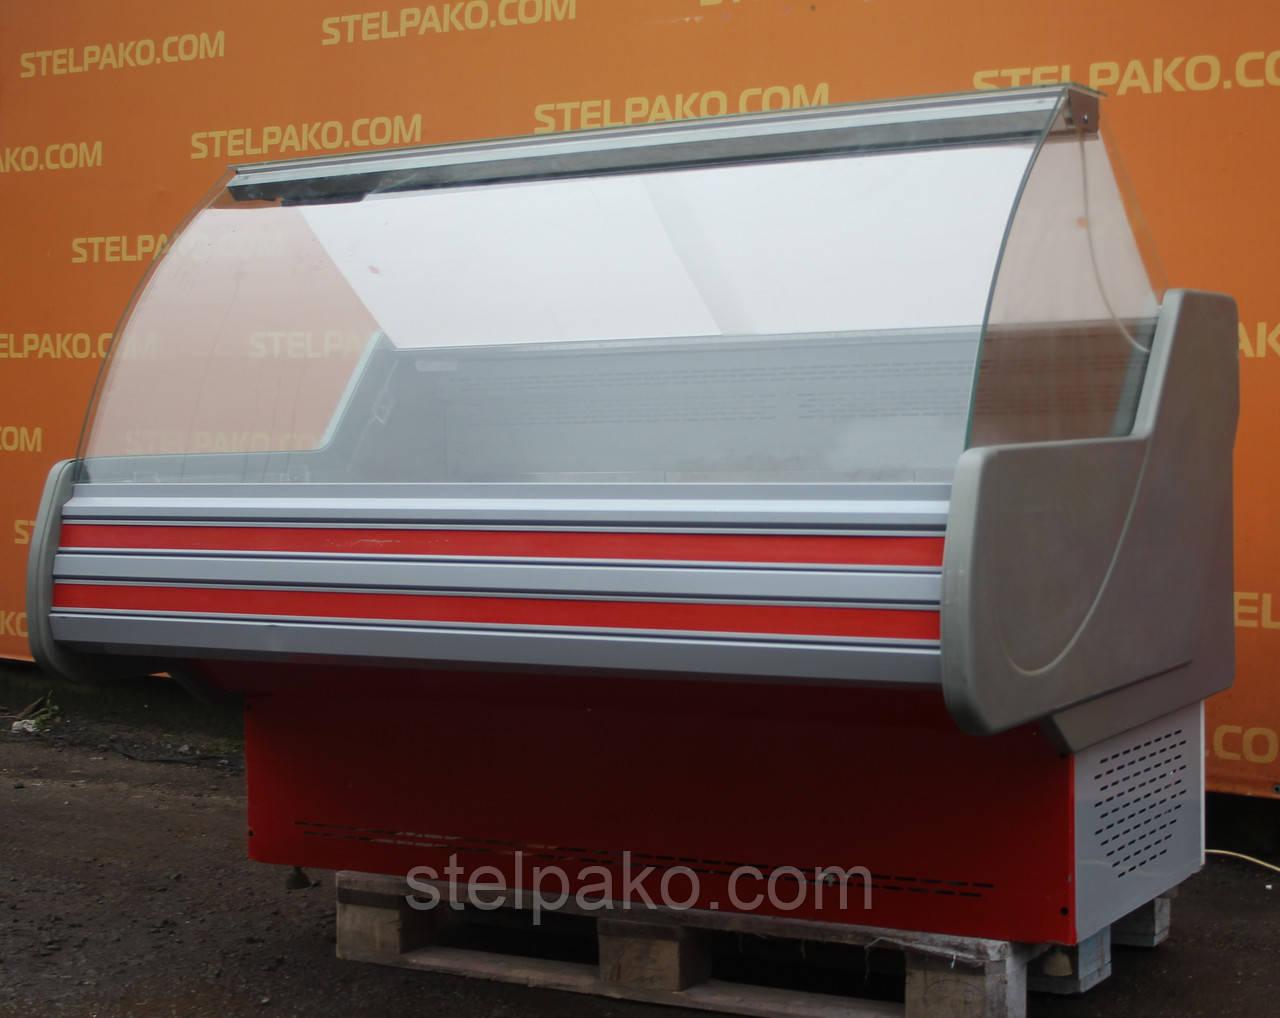 Холодильная среднетемпературная витрина «Технохолод Невада» 1.6 м., (Украина), широкая выкладка 90 см., Б/у